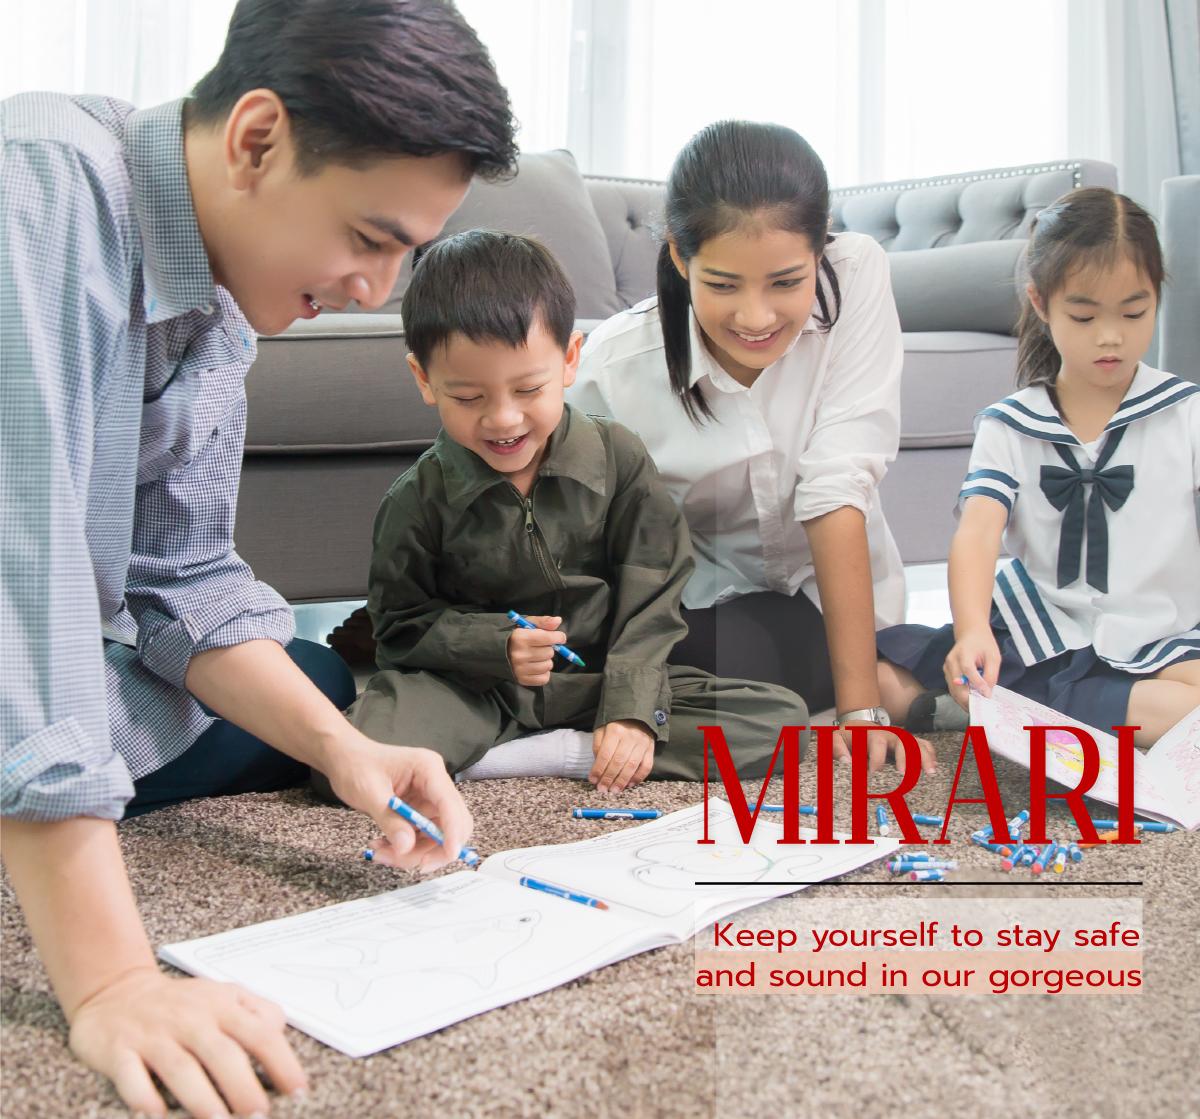 Mirari-Home_Banner-01_Mobile_EN